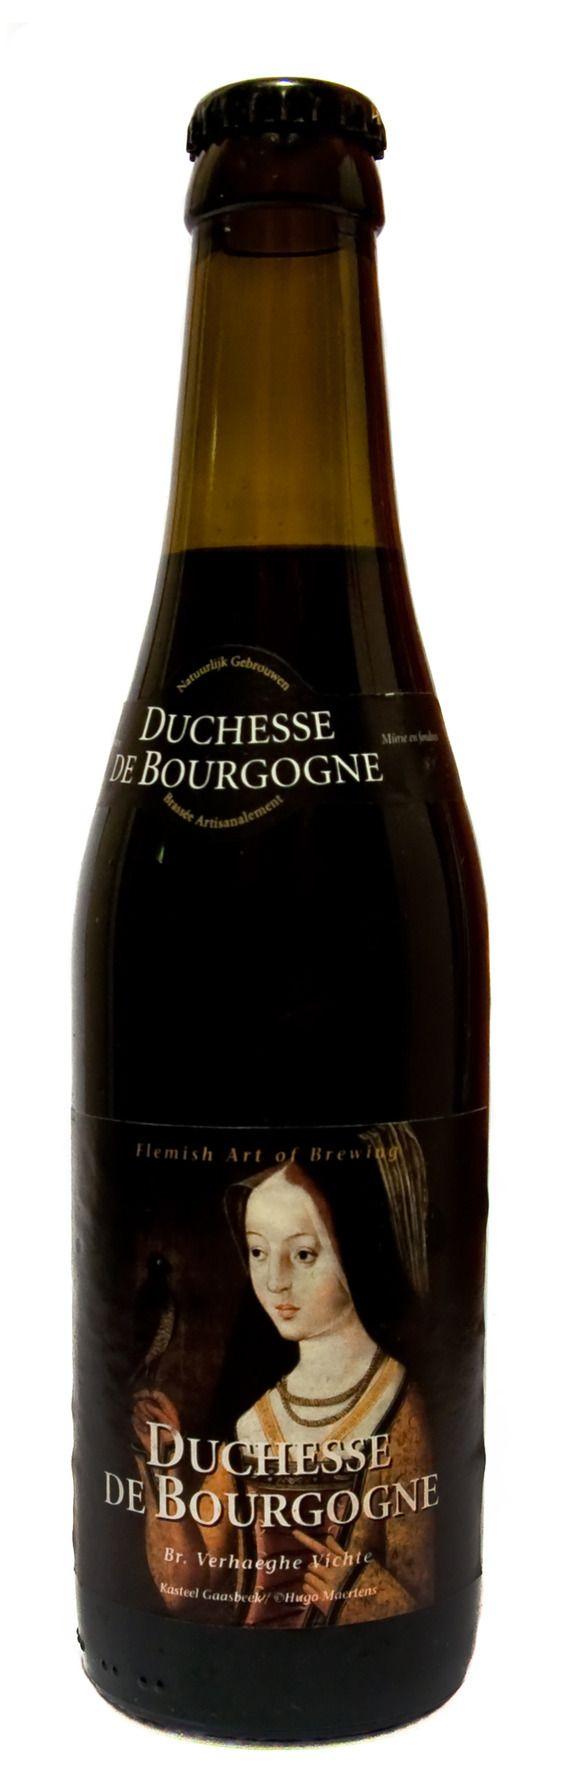 Brouwerij Verhaeghe (Vichte, Belgium) - Duchesse de Bourgogne - Flanders Red (Beer Advocate Score: 92)